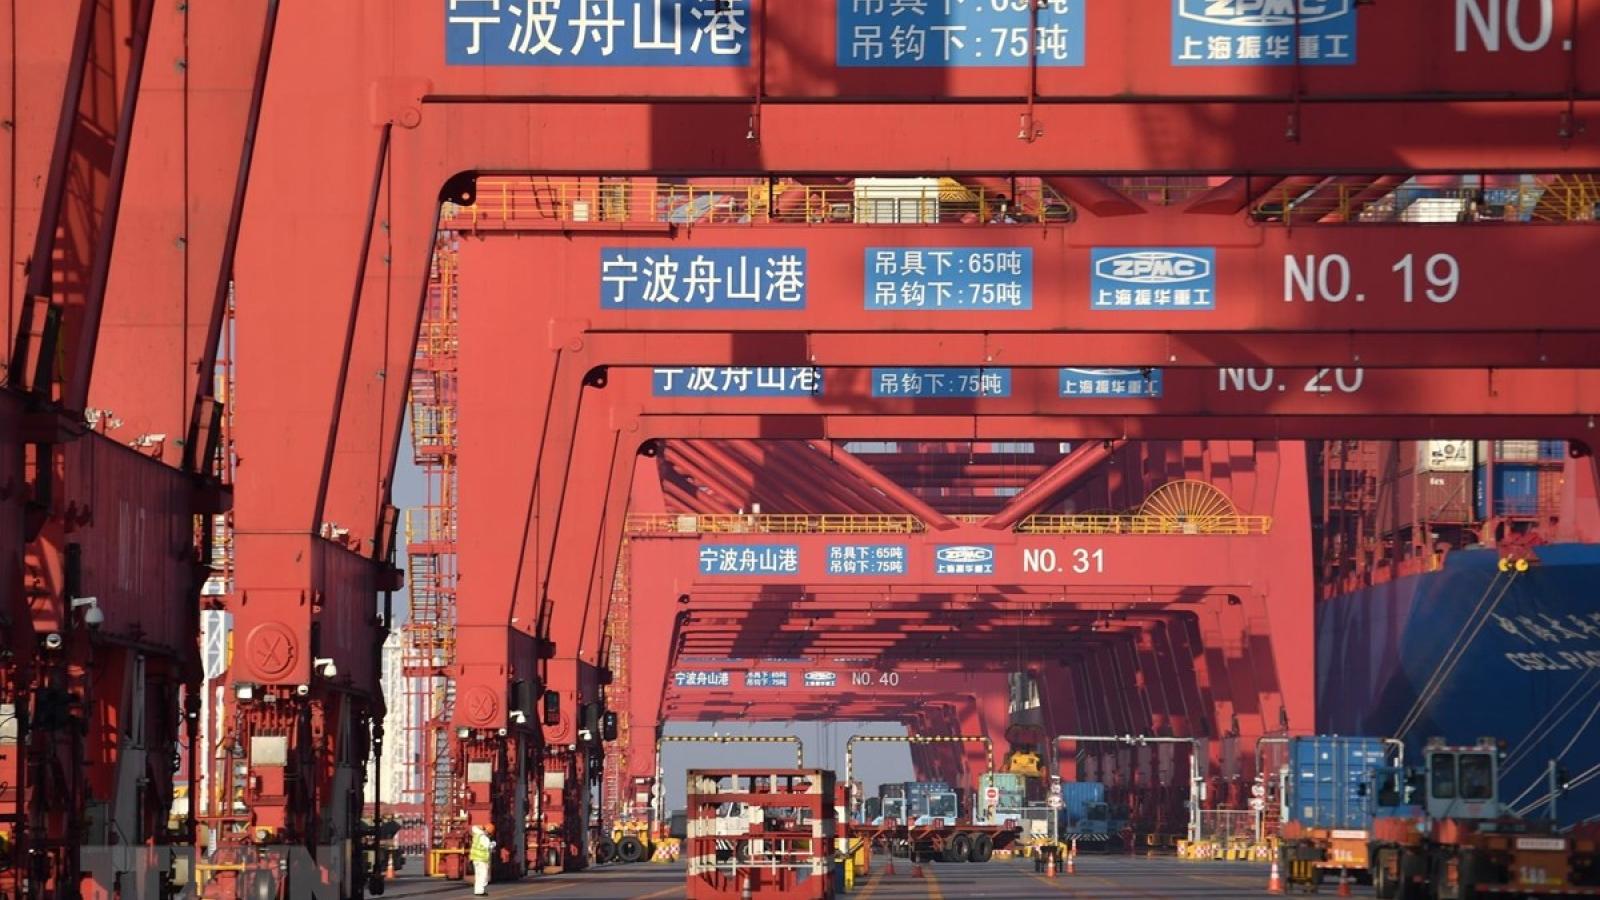 Tăng trưởng của Trung Quốc quý 1/2021 chủ yếu vẫn là xuất khẩu